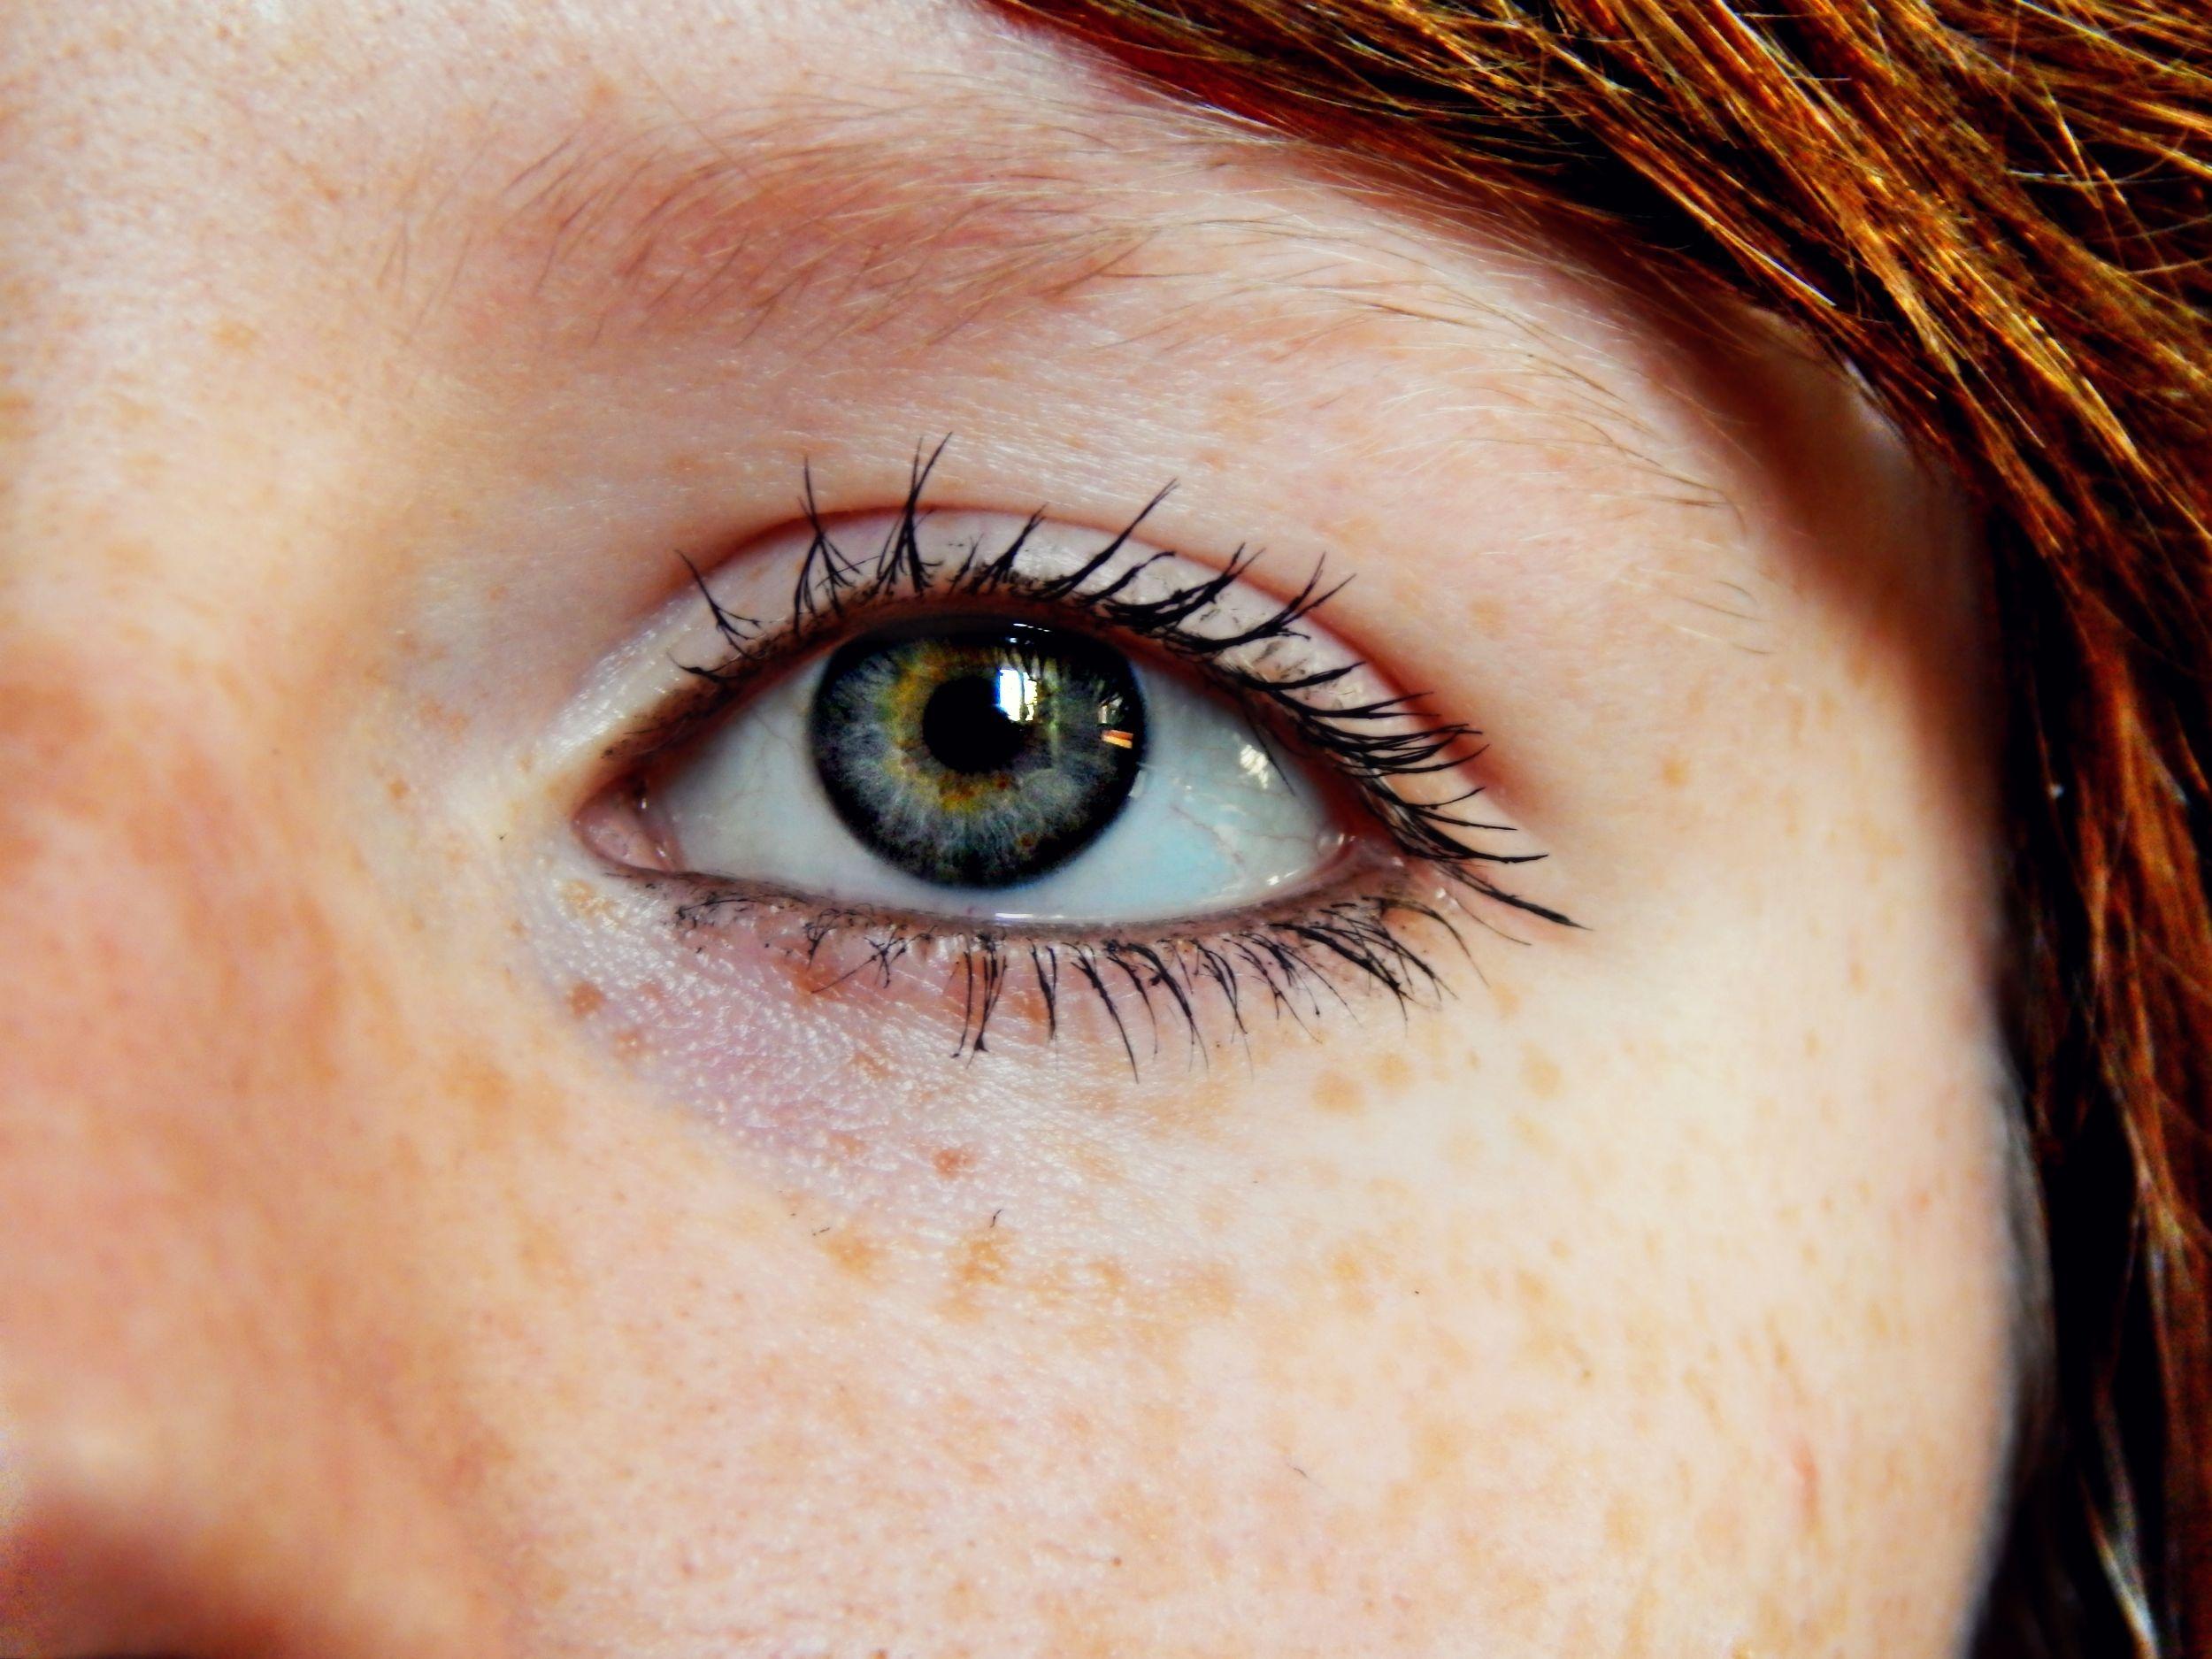 warna coklat biru alis bulu mata merapatkan tubuh manusia warna menghadapi hidung pipi mata kepala kulit